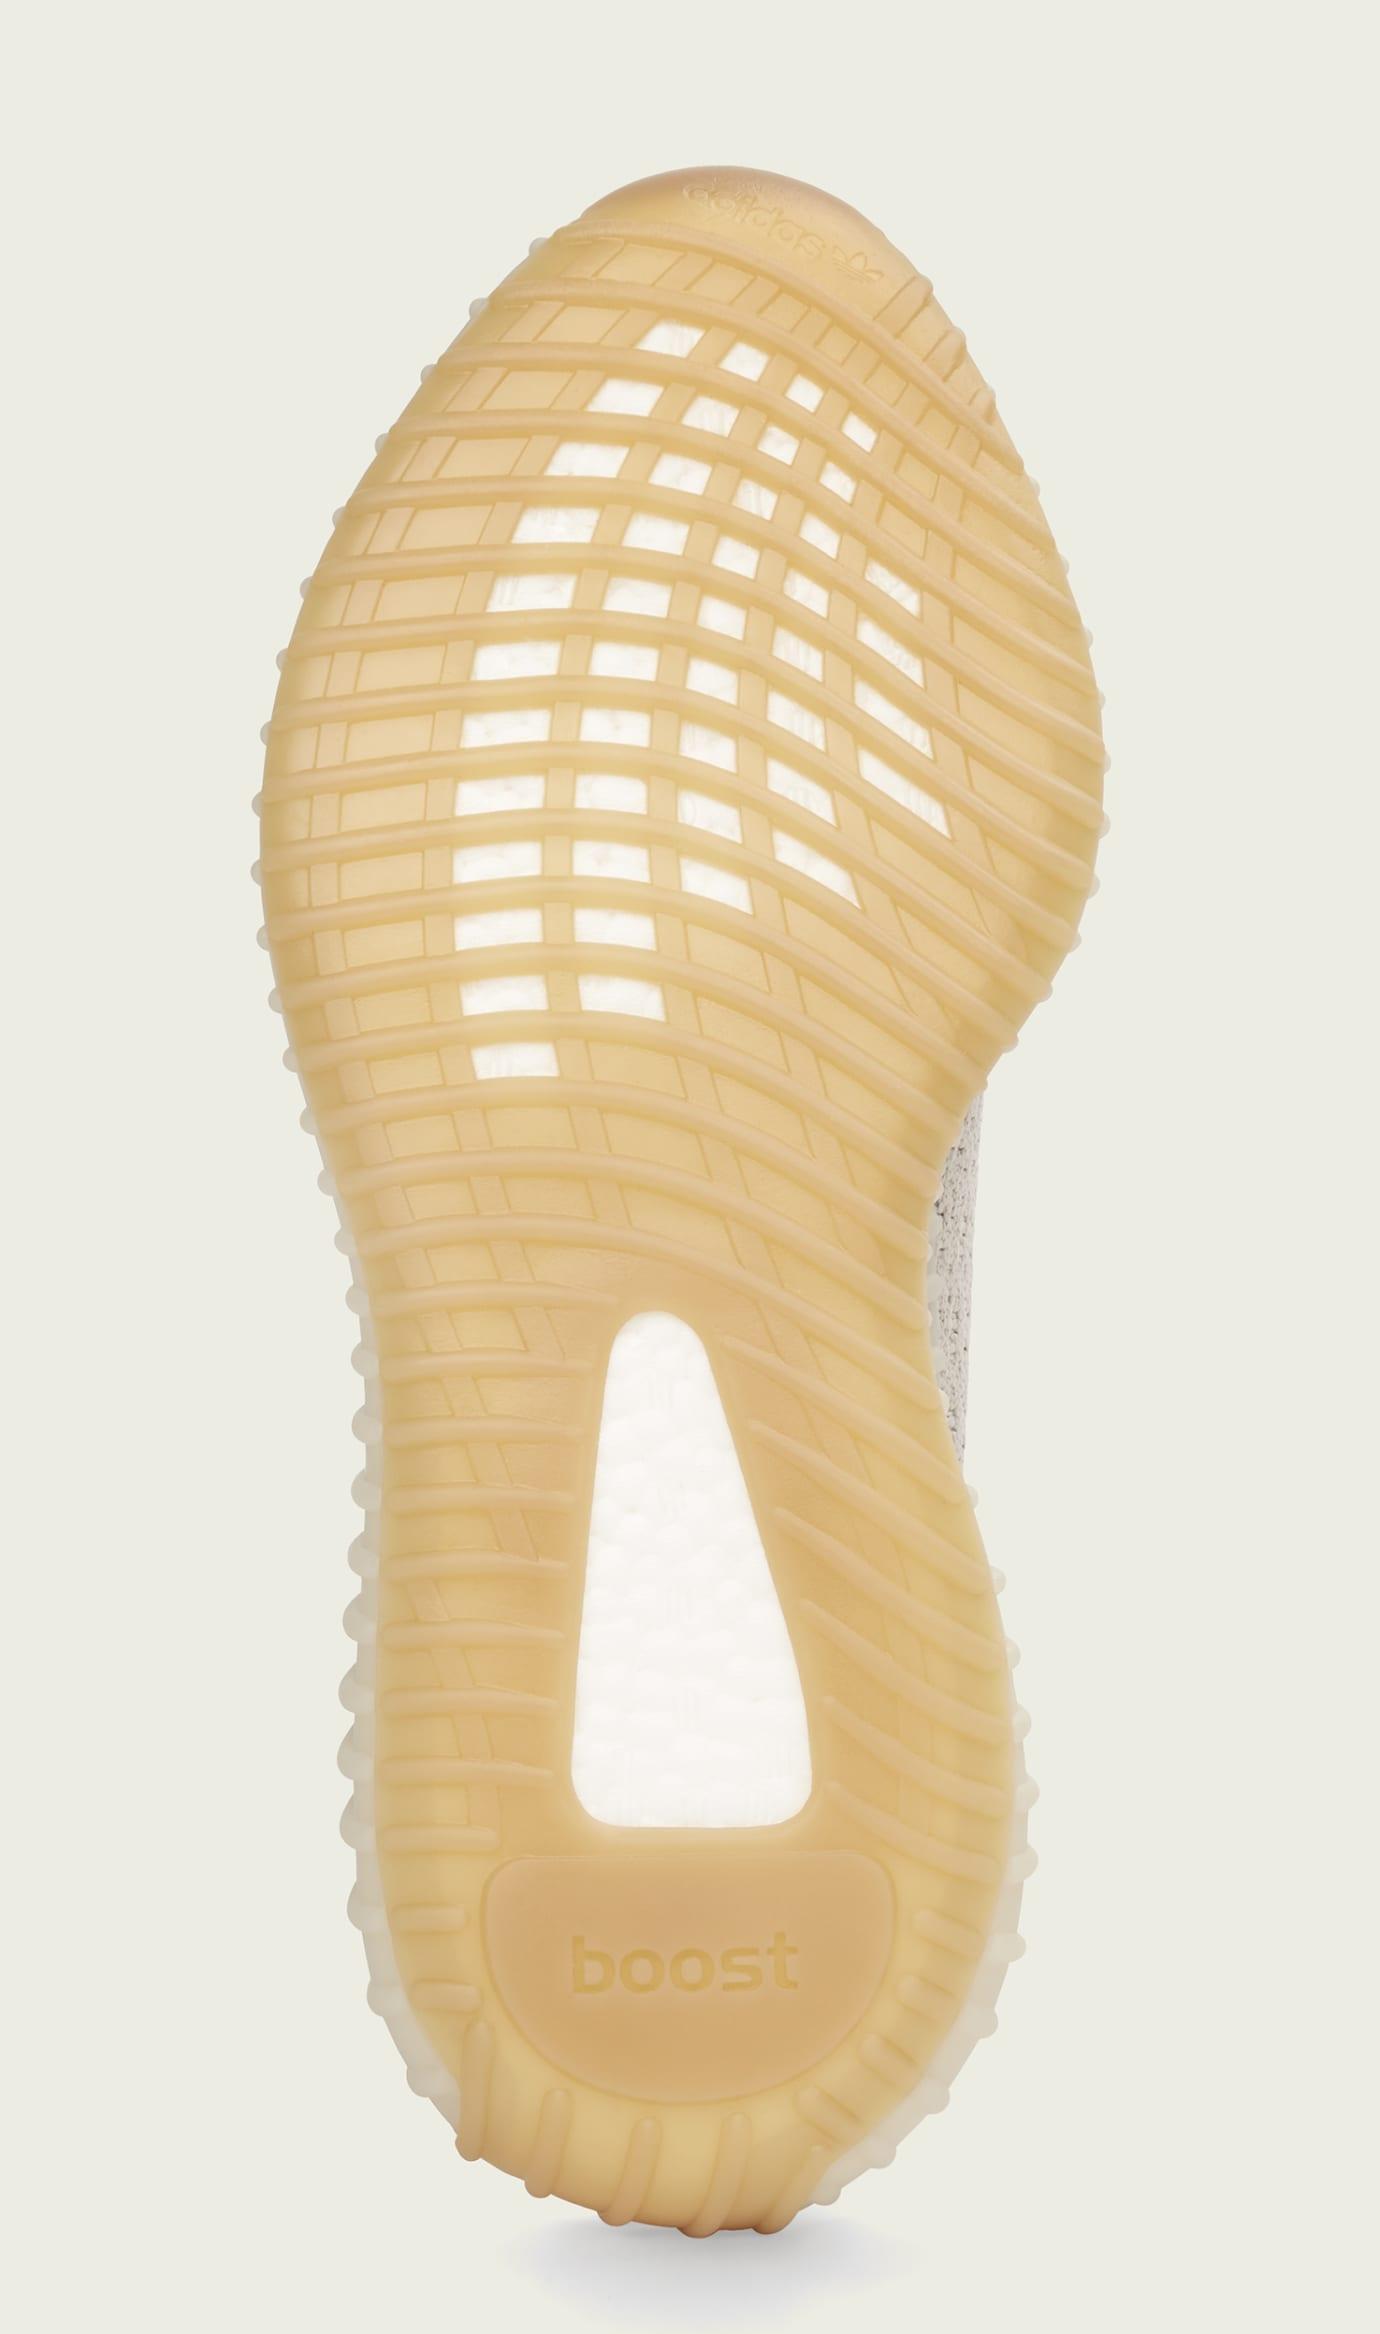 Adidas Yeezy Boost 350 V2 'Sesame' F99710 (Sole)